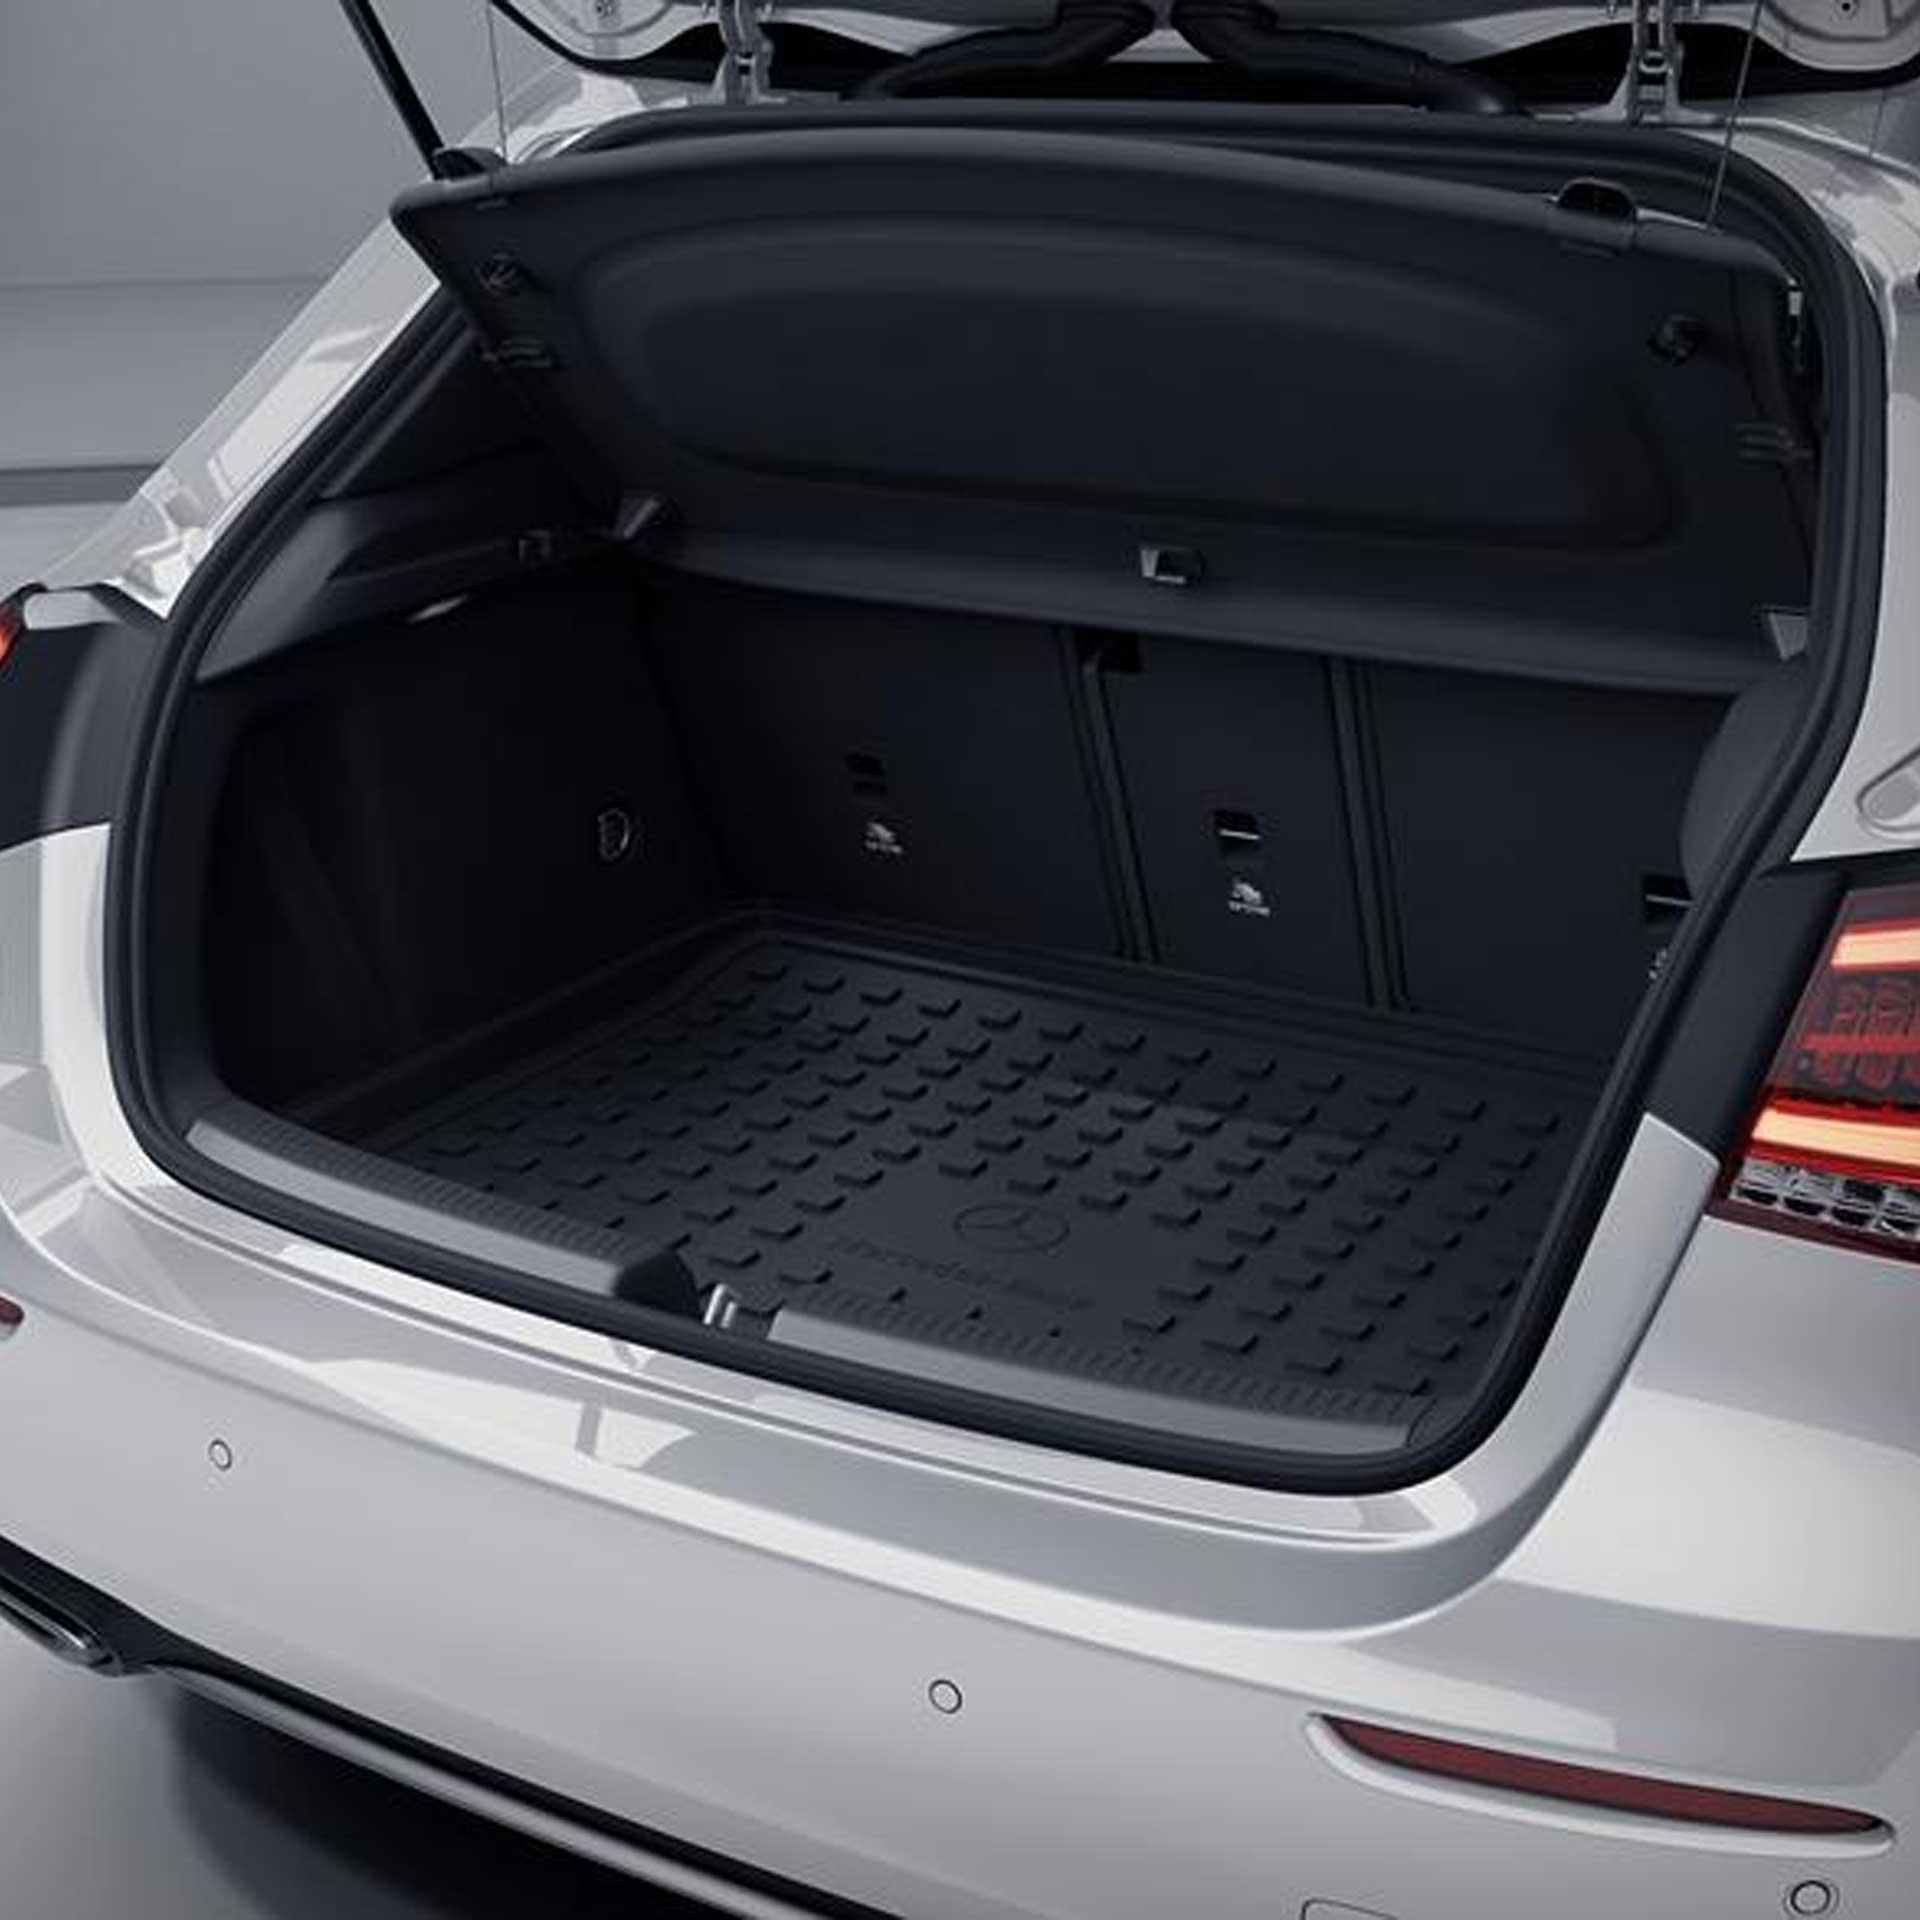 Mercedes-Benz Kofferraumwanne flach für A-Klasse (W177)